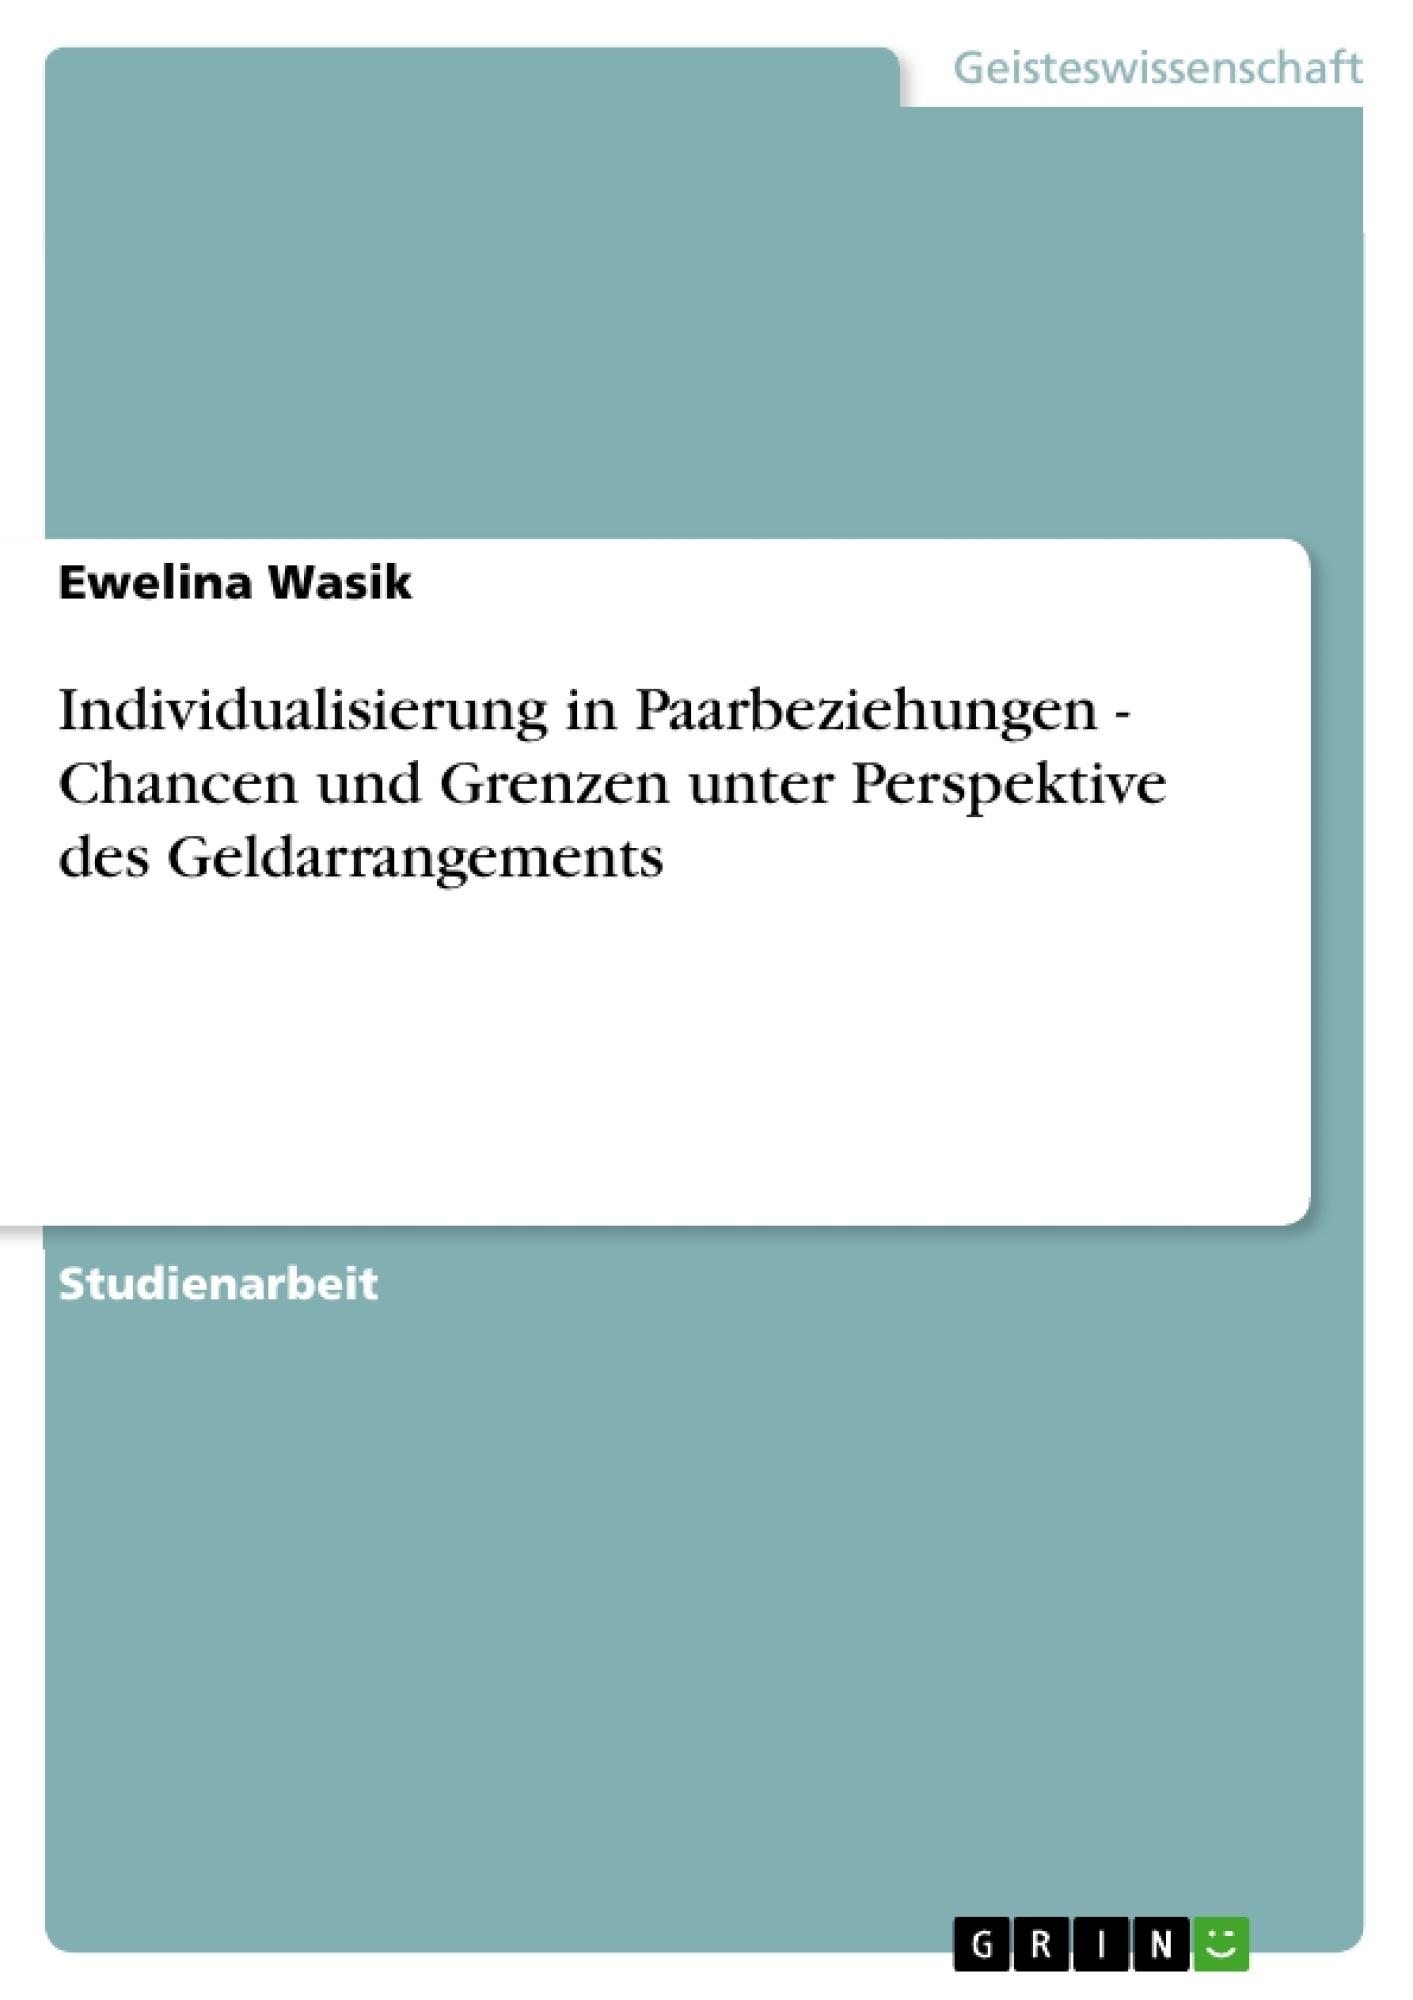 Titel: Individualisierung in Paarbeziehungen - Chancen und Grenzen unter Perspektive des Geldarrangements